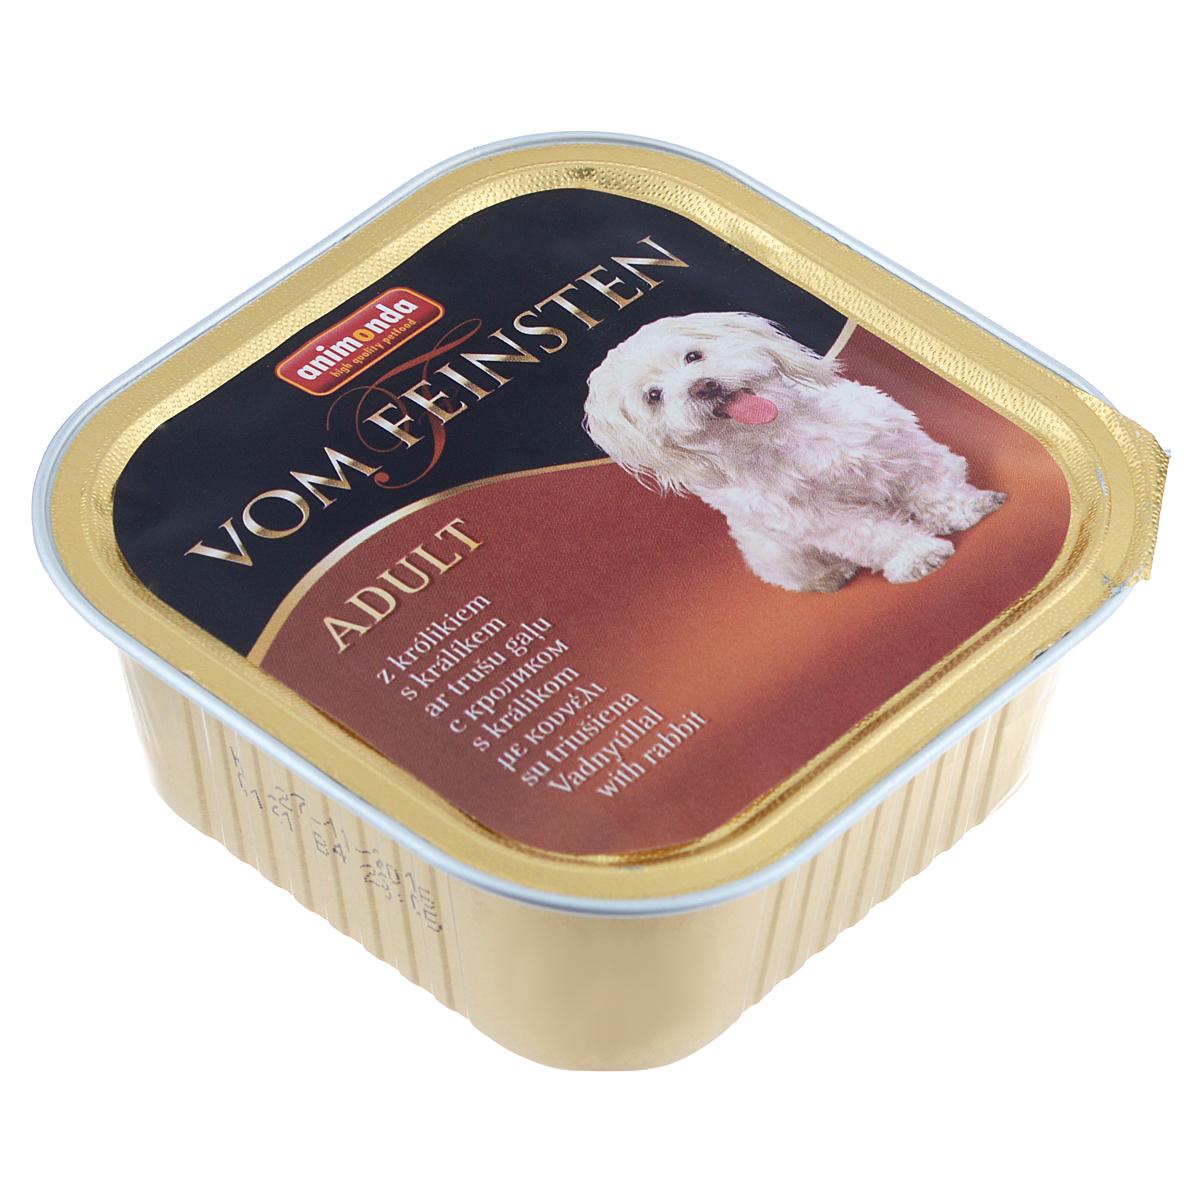 Консервы Animonda Vom Feinsten для взрослых собак, с кроликом, 150 г18449Консервы Animonda Vom Feinsten - это консервированное полноценное и деликатесное питание на основе отборного мяса в комбинации со специальными ингредиентами для для взрослых собак высшего качества.Состав: мясо и мясные продукты 63% (свинина, говядина, домашняя птица, кролик 8%), бульон, минералы.Анализ: белок 10,5%, жир 4,5%, клетчатка 0,4%, зола 2%, влажность 81%.Добавки (на 1 кг продукта): витамин D3 120 МЕ, витамин Е (a-токоферол) 15 мг. Вес: 150 г.Товар сертифицирован.